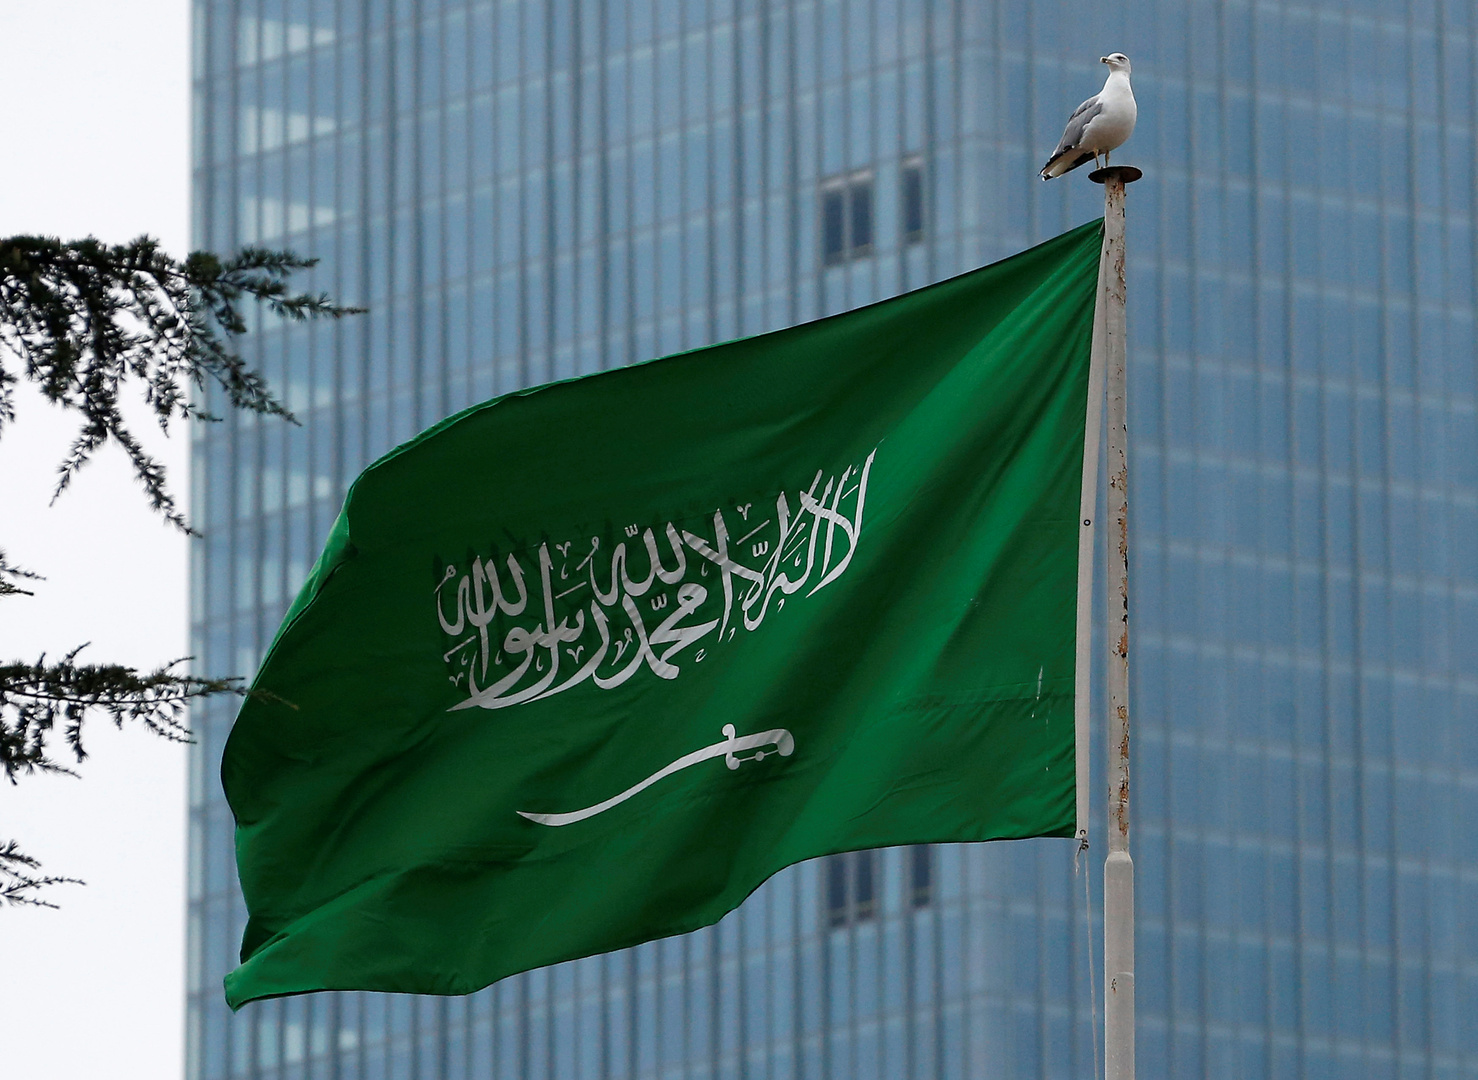 السعودية تدعو أرمينيا وأذربيجان لوقف إطلاق النار وحل النزاع سلميا